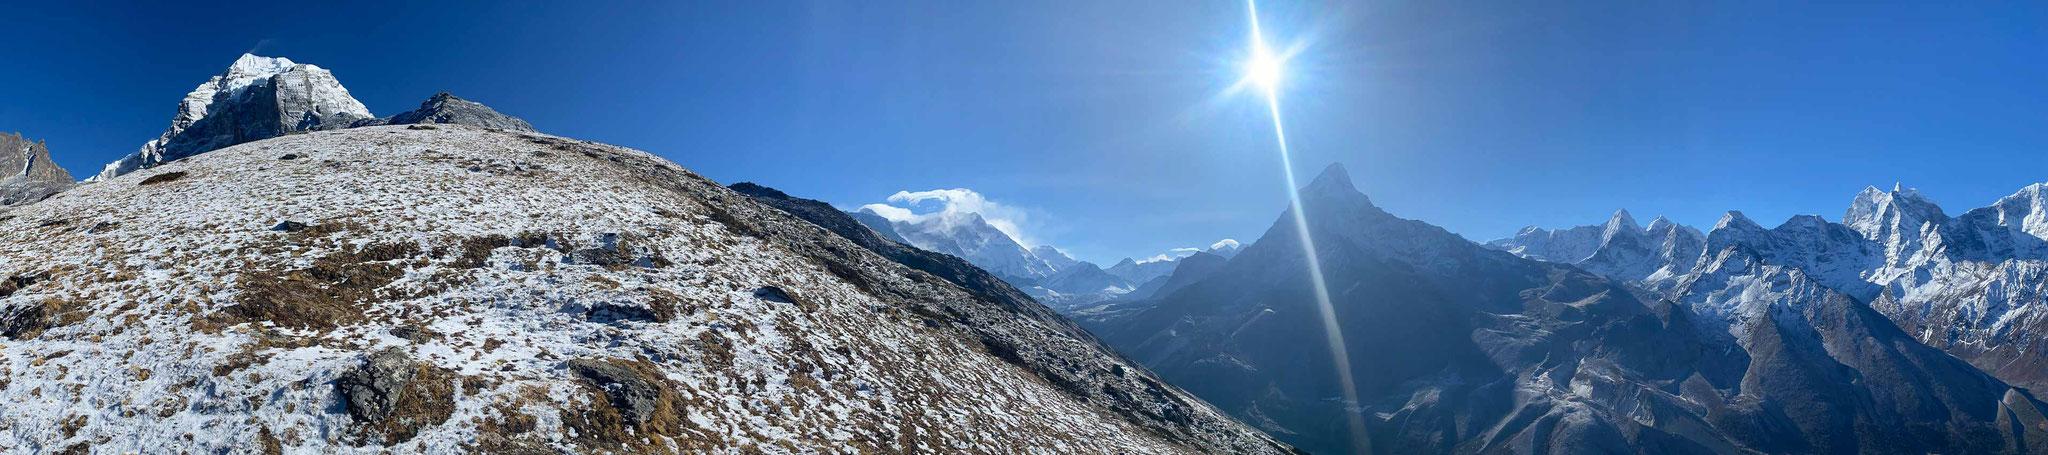 Die Grashänge unterhalb des 6500 Meter hohen Taboche sind frisch verschneit.